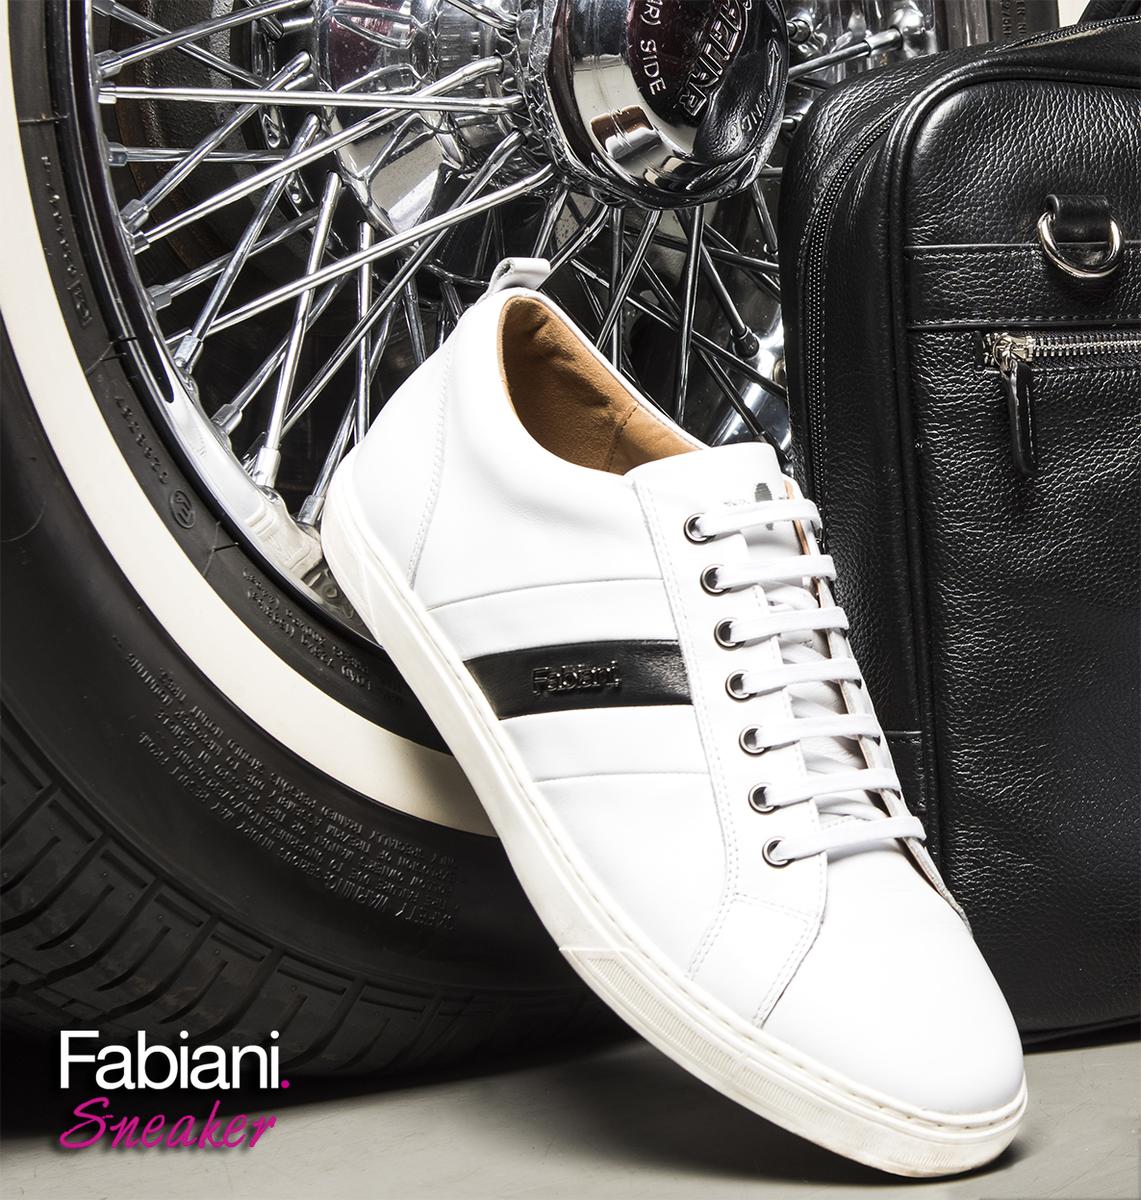 Fabiani luxury sneakers R1899 https